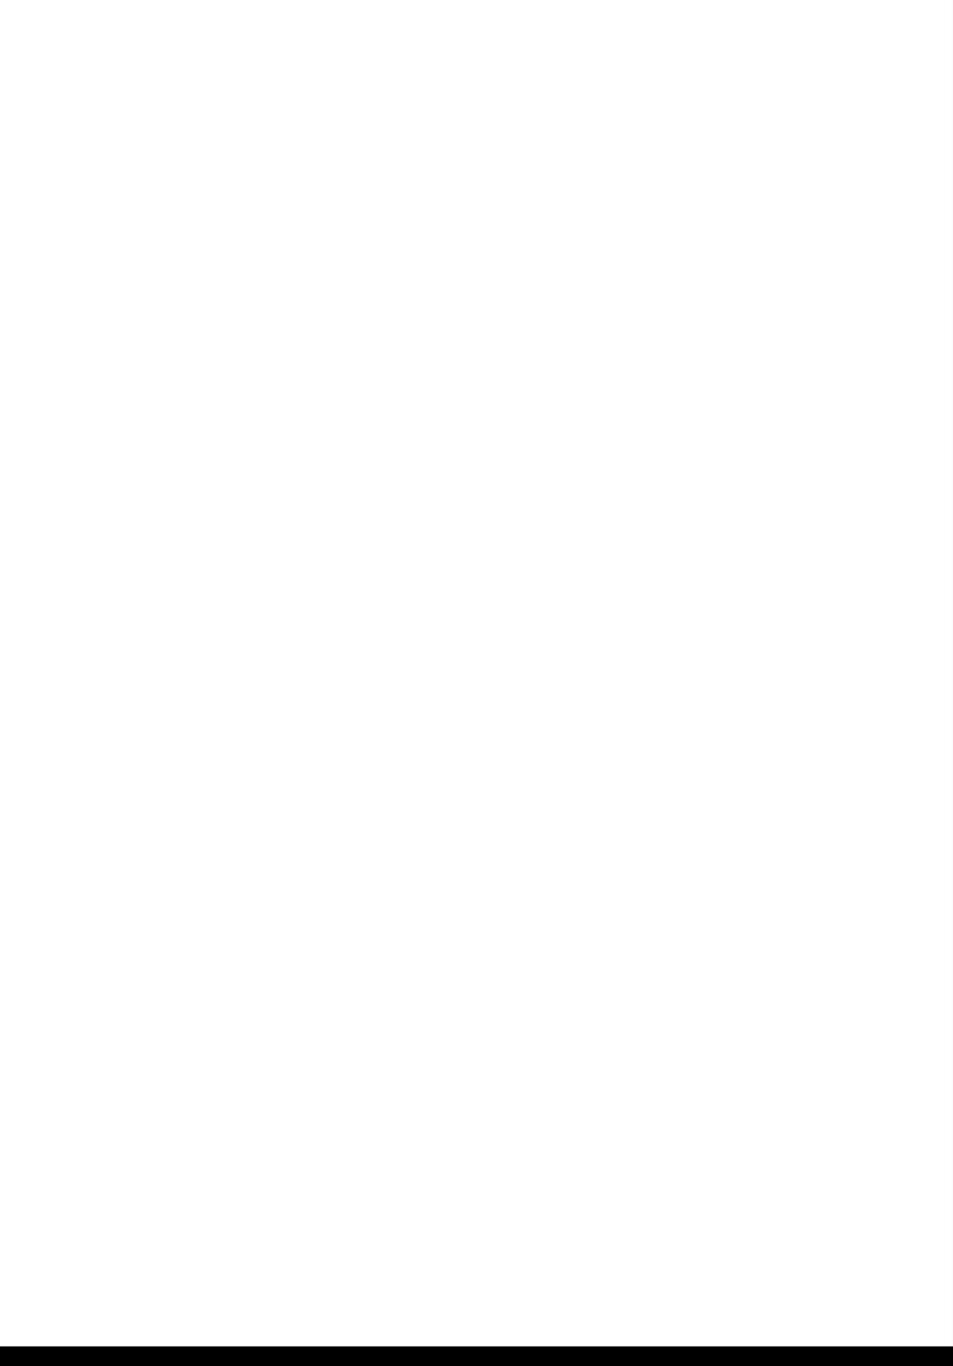 道德经原文拼音整理版(可直接打印)